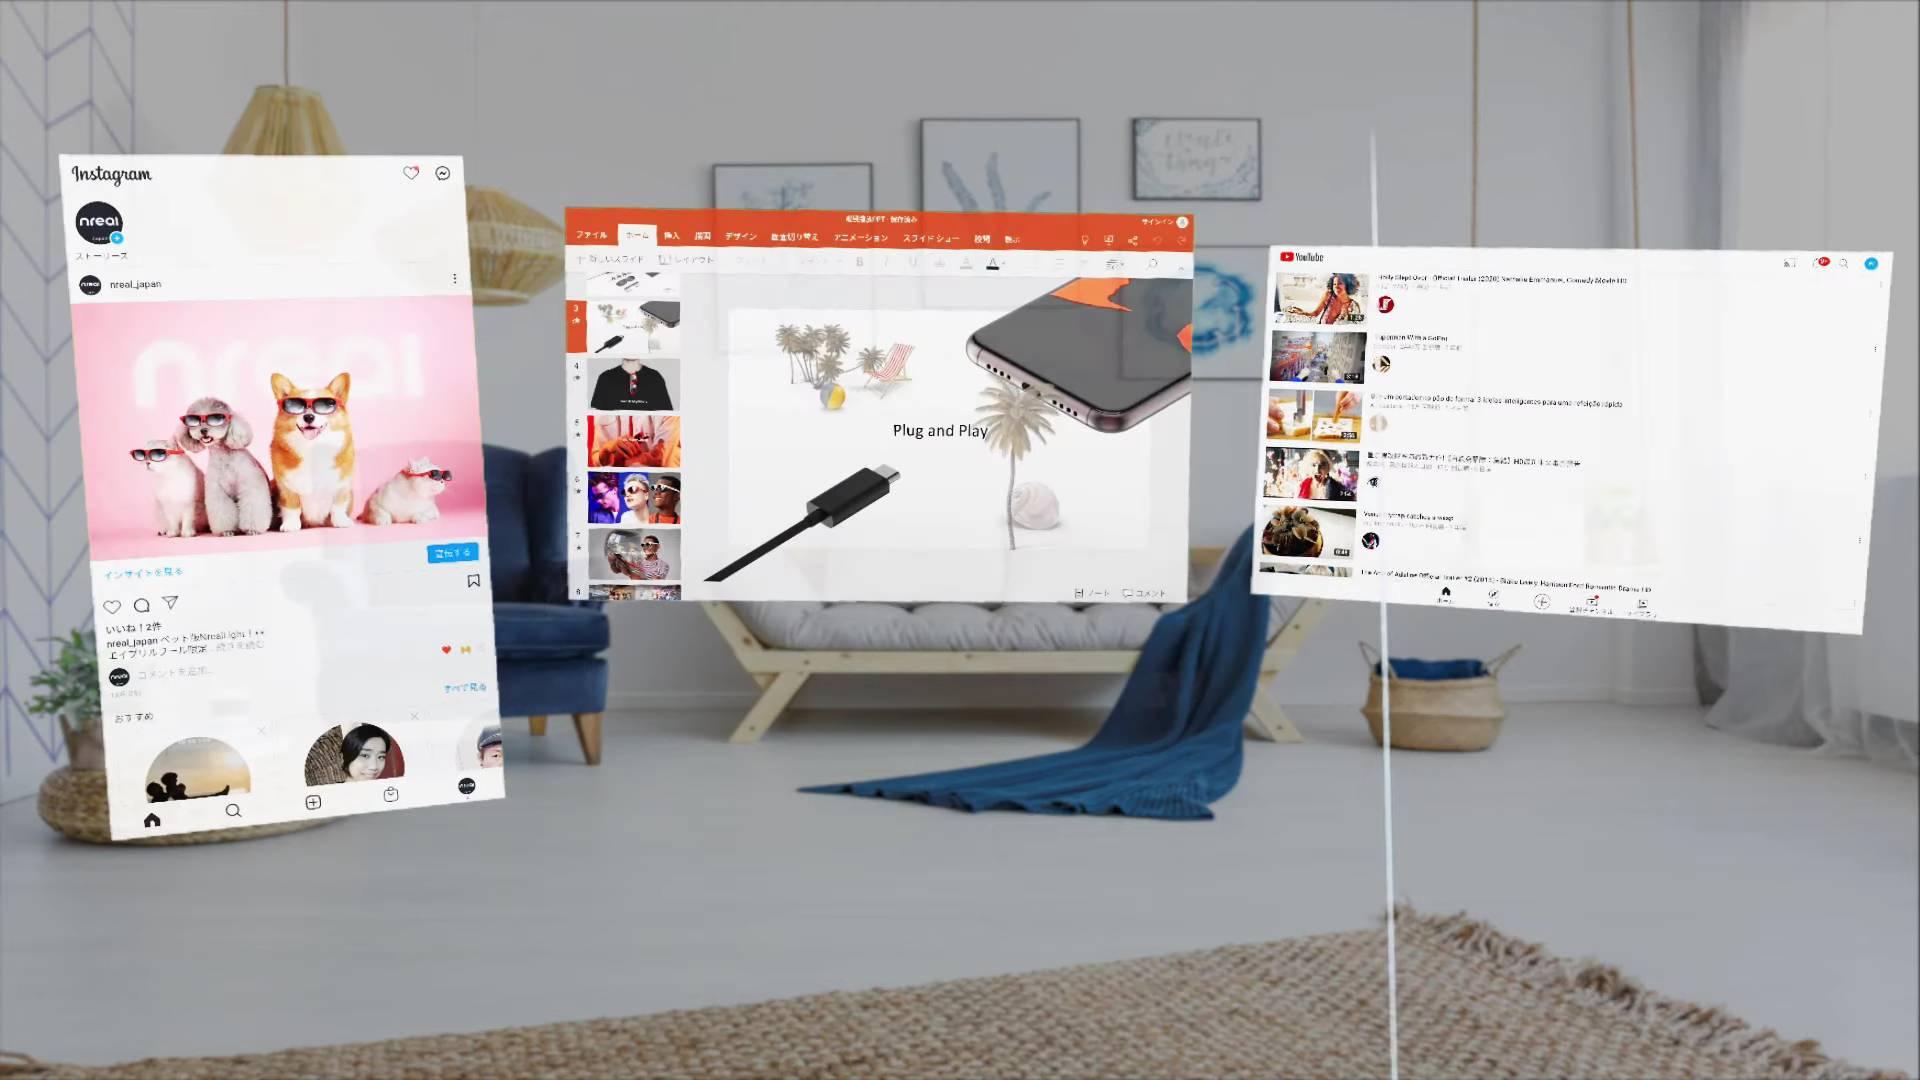 엔리얼 라이트로 거실에 SNS, PPT 작업과 유튜브 창을 MR로 구현한 모습